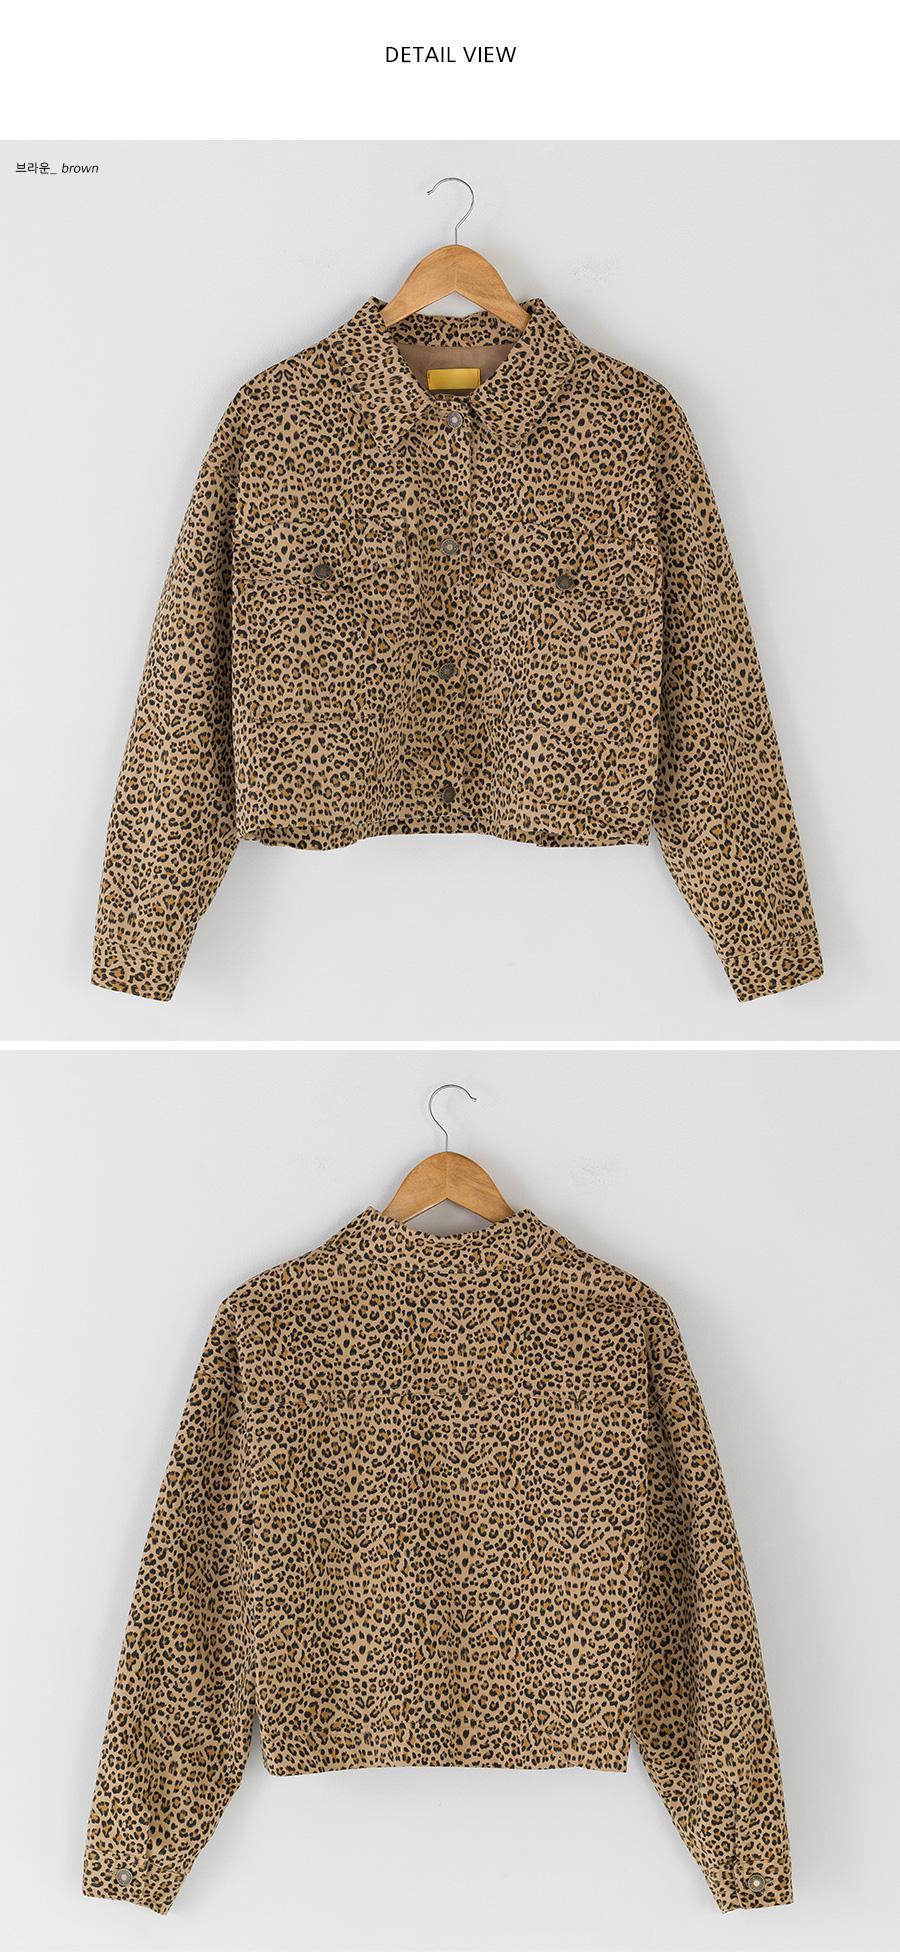 unique leopard pattern jacket